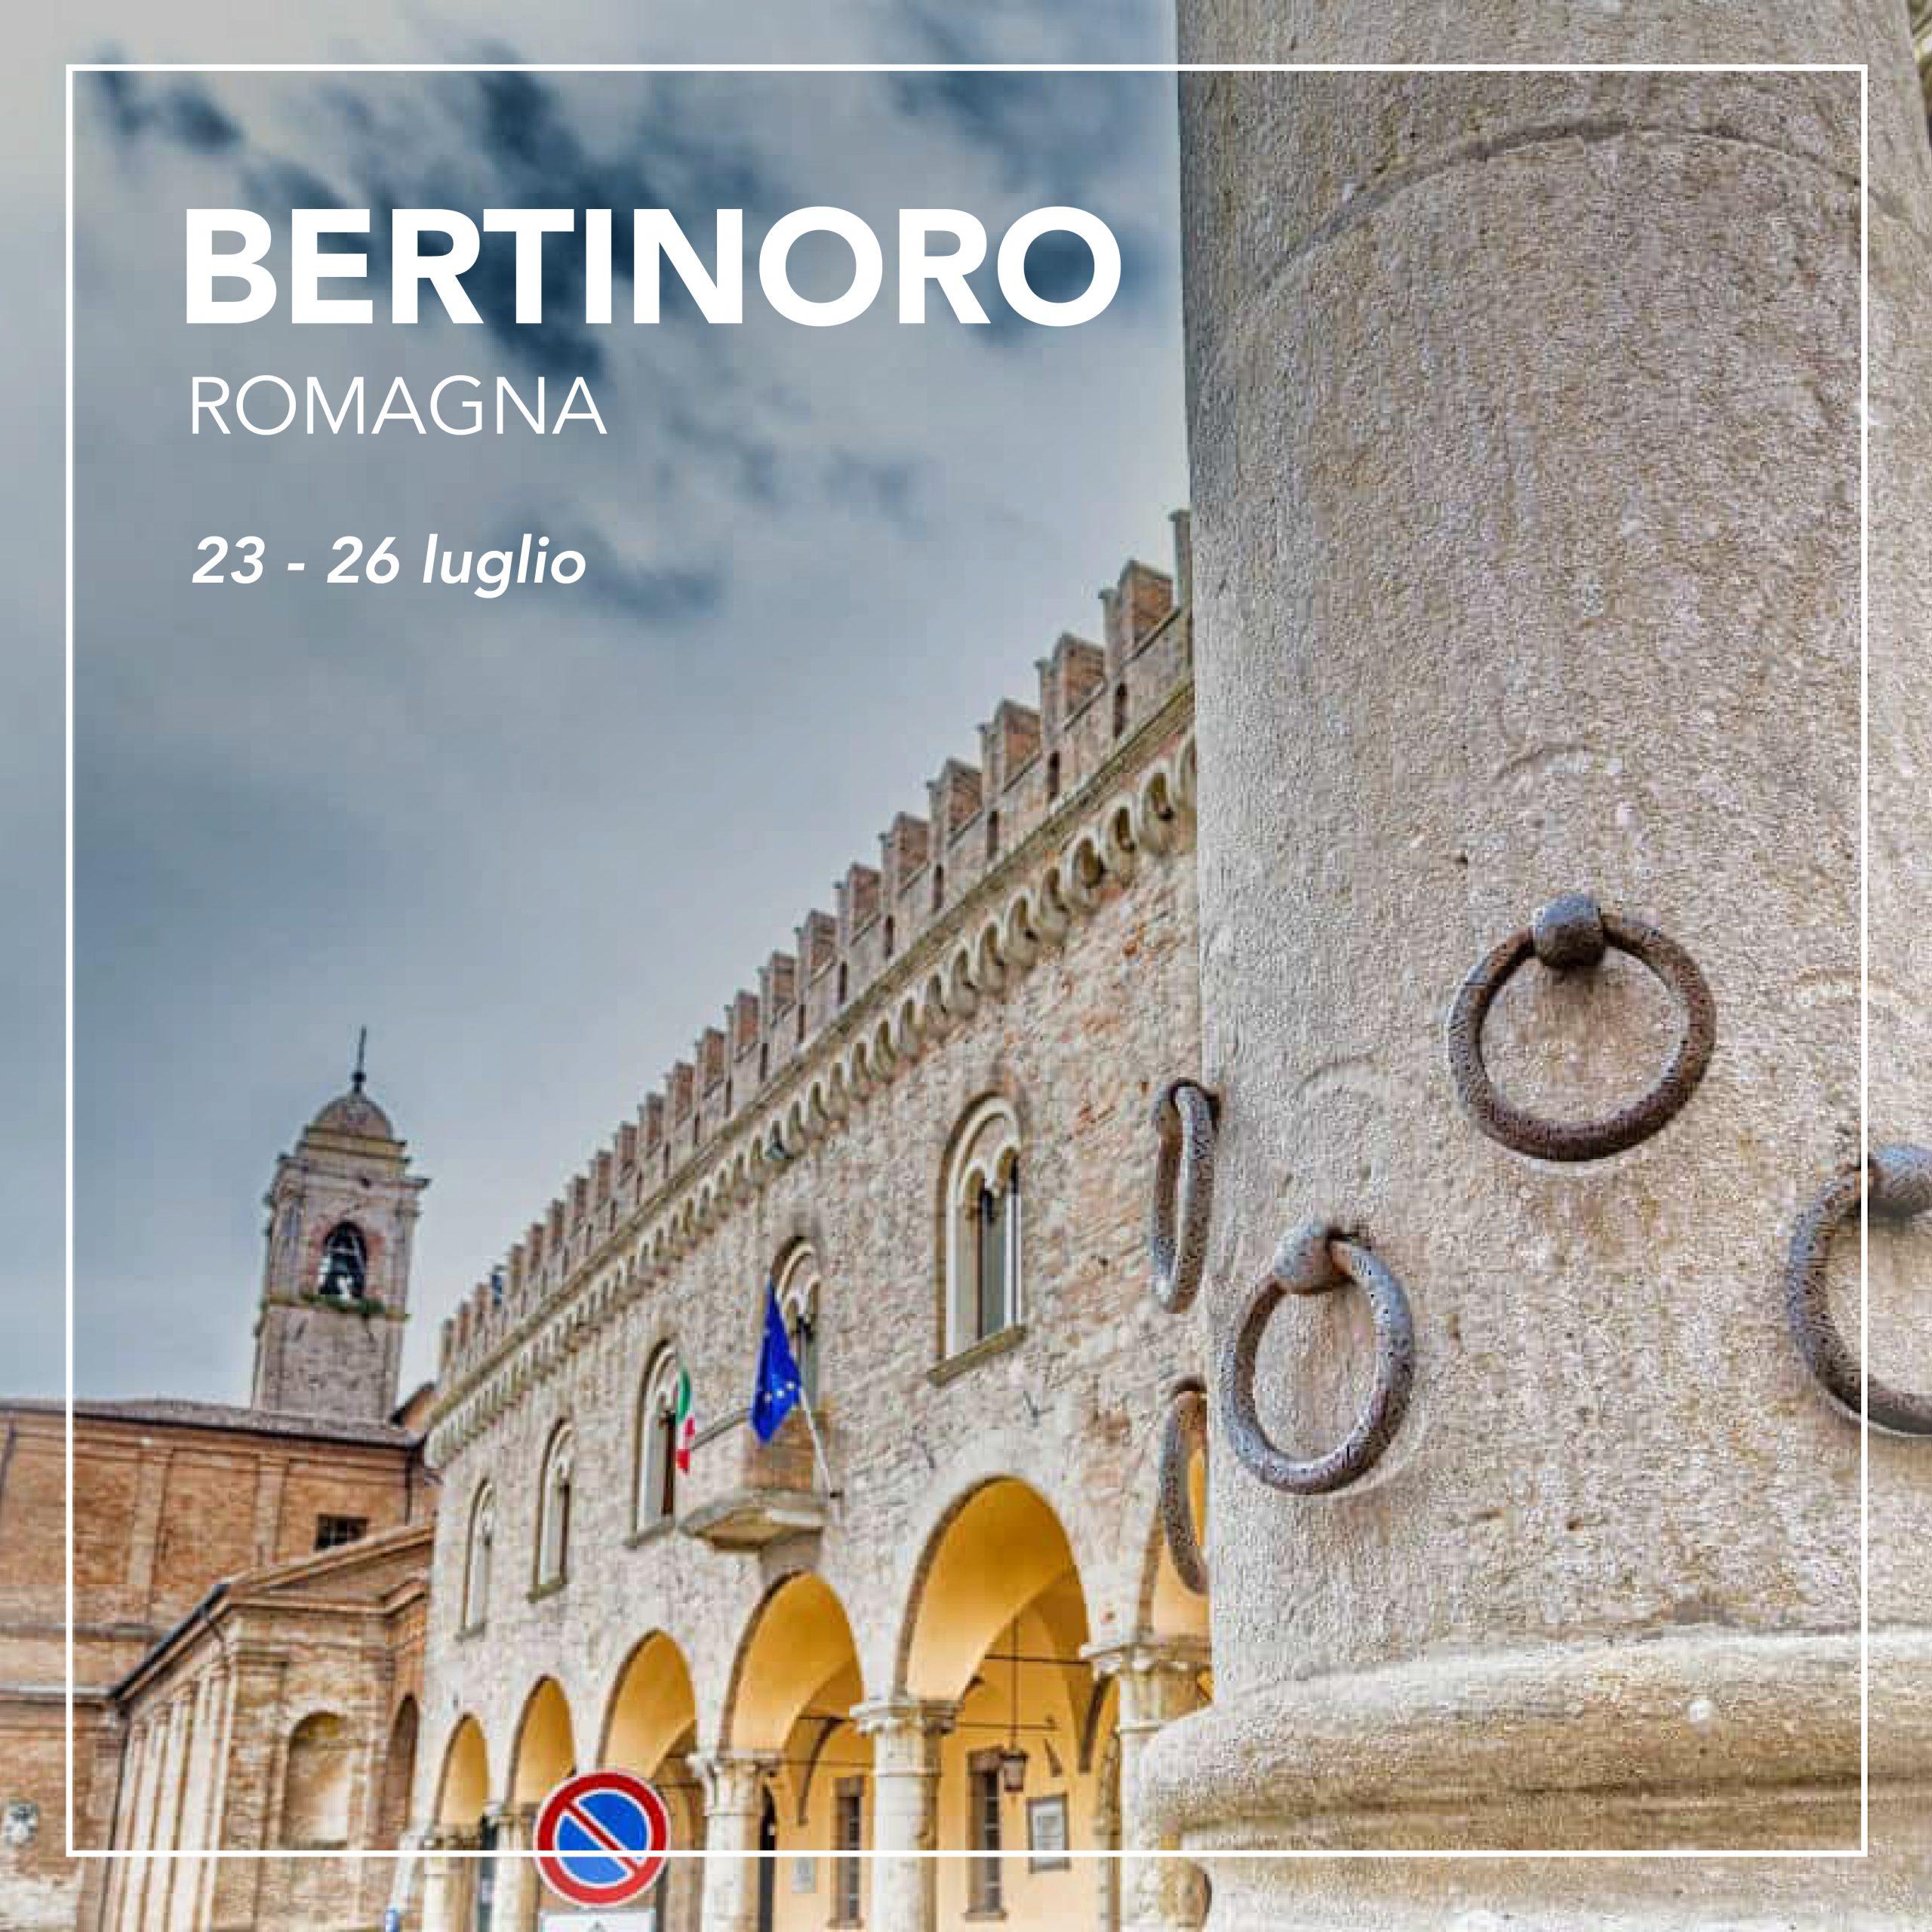 Atelier delle arti 2021 - Bertinoro